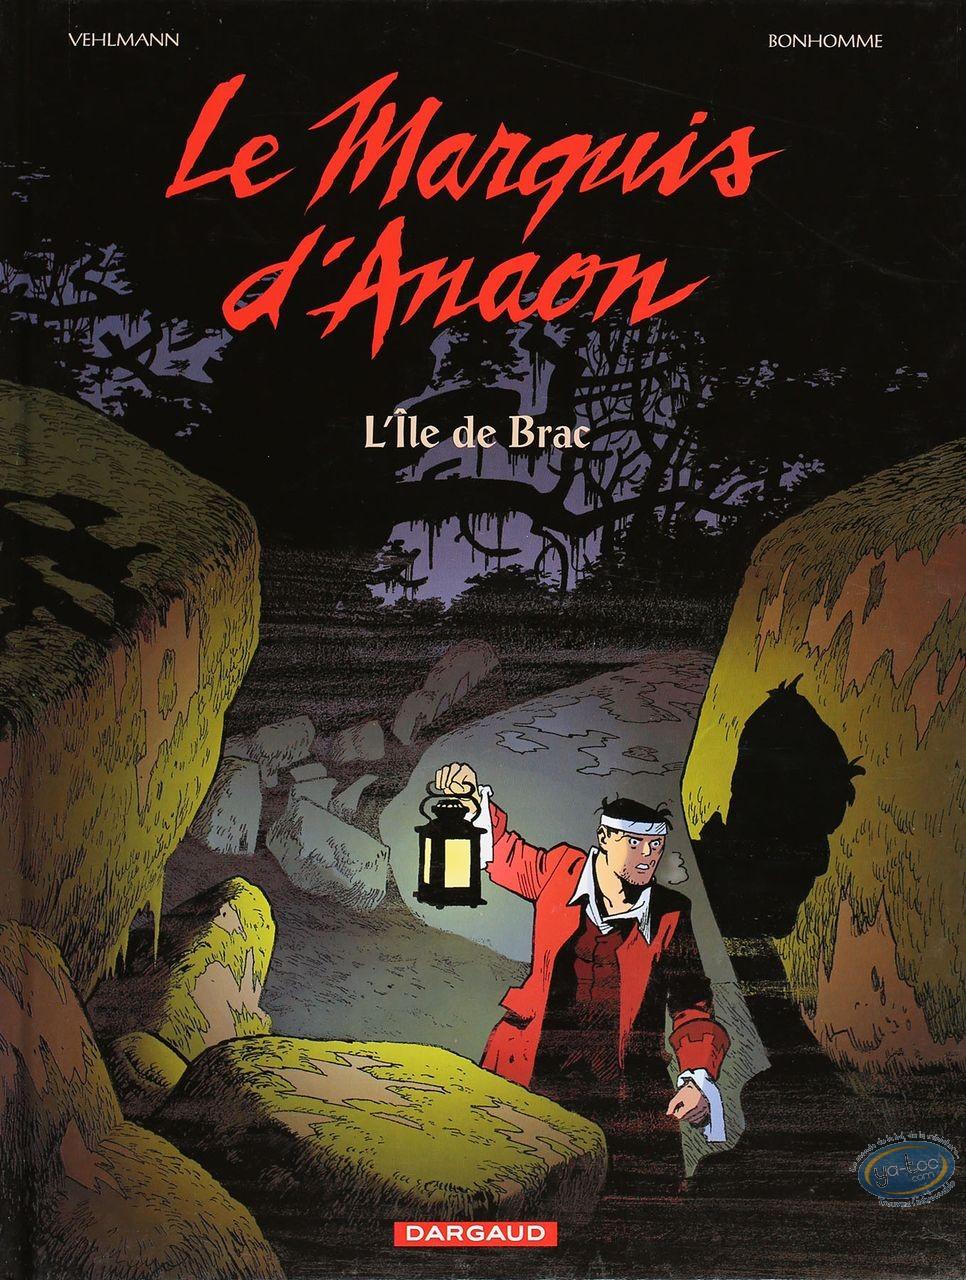 Listed European Comic Books, Marquis d'Anaon (Le) : L'ile de Brac (very good condition)